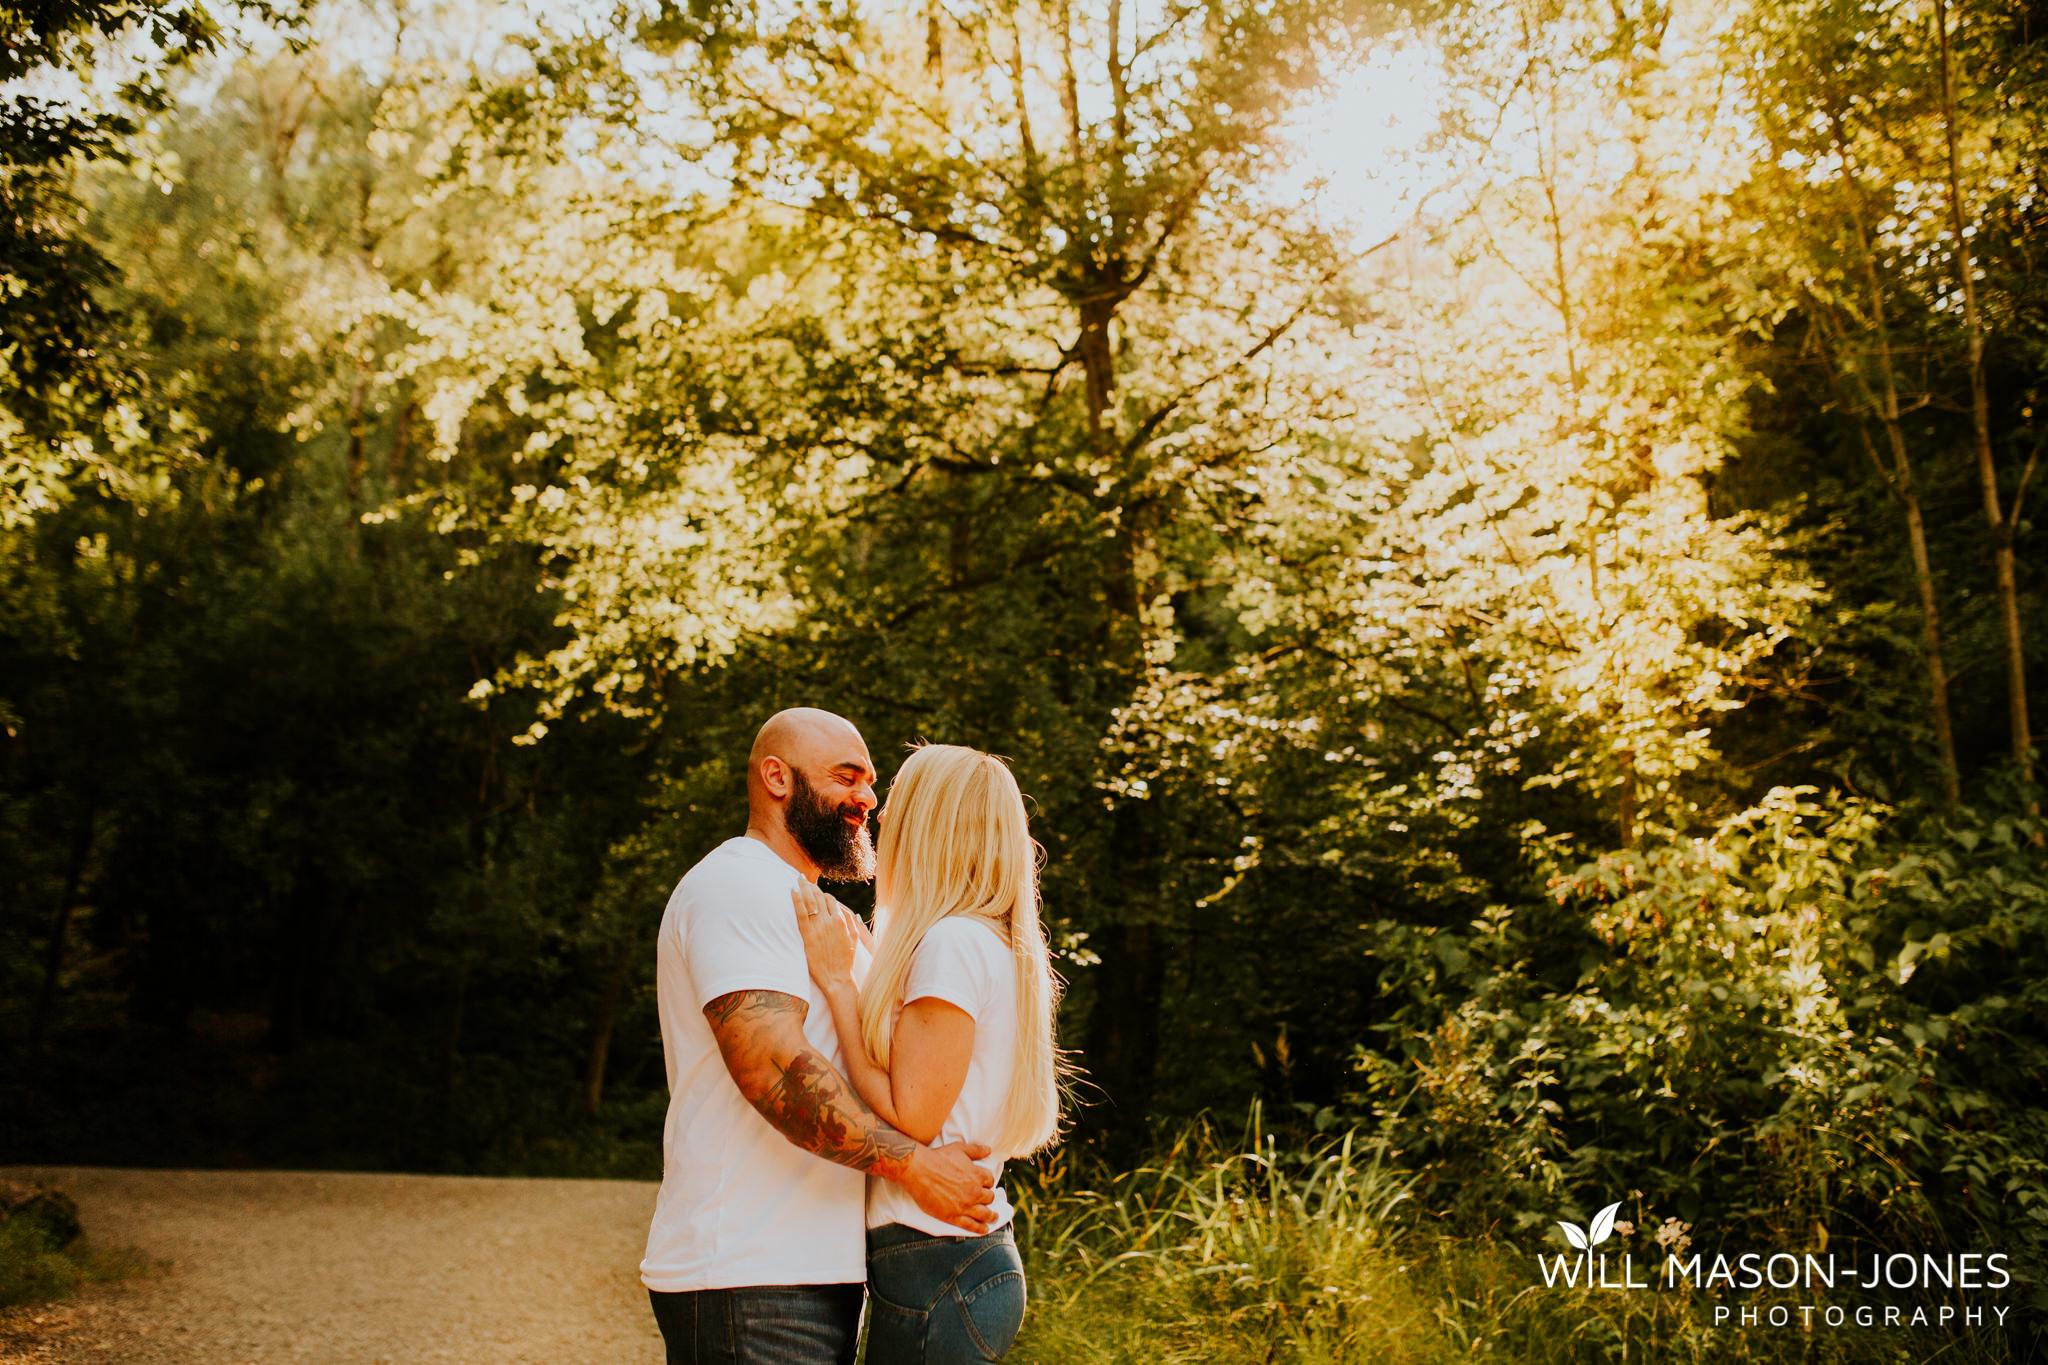 penllegaer-woods-couple-engagement-photographer-swansea-47.jpg